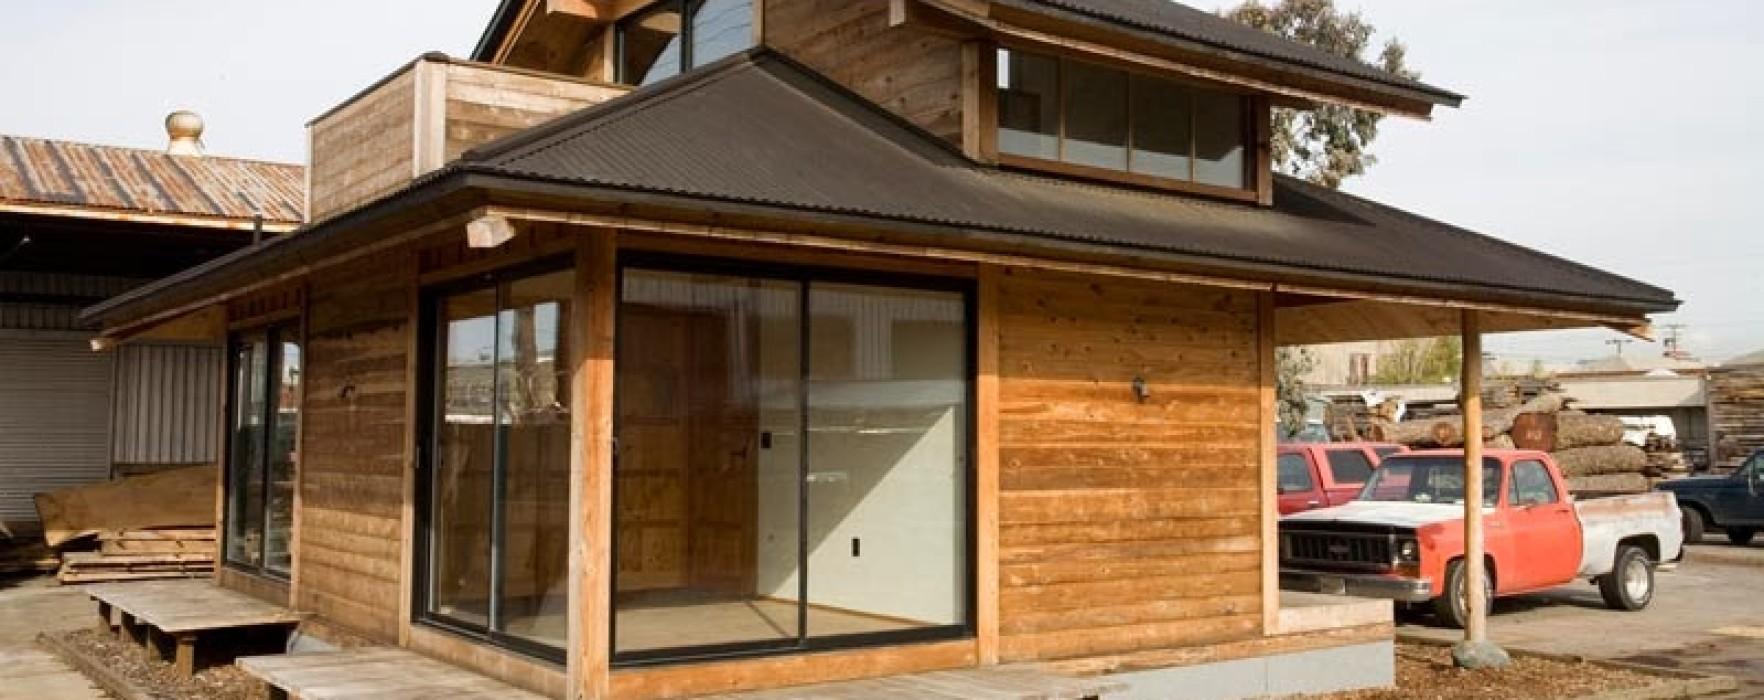 Come Realizzare Un Tetto Economico i costi di una sopraelevazione in legno